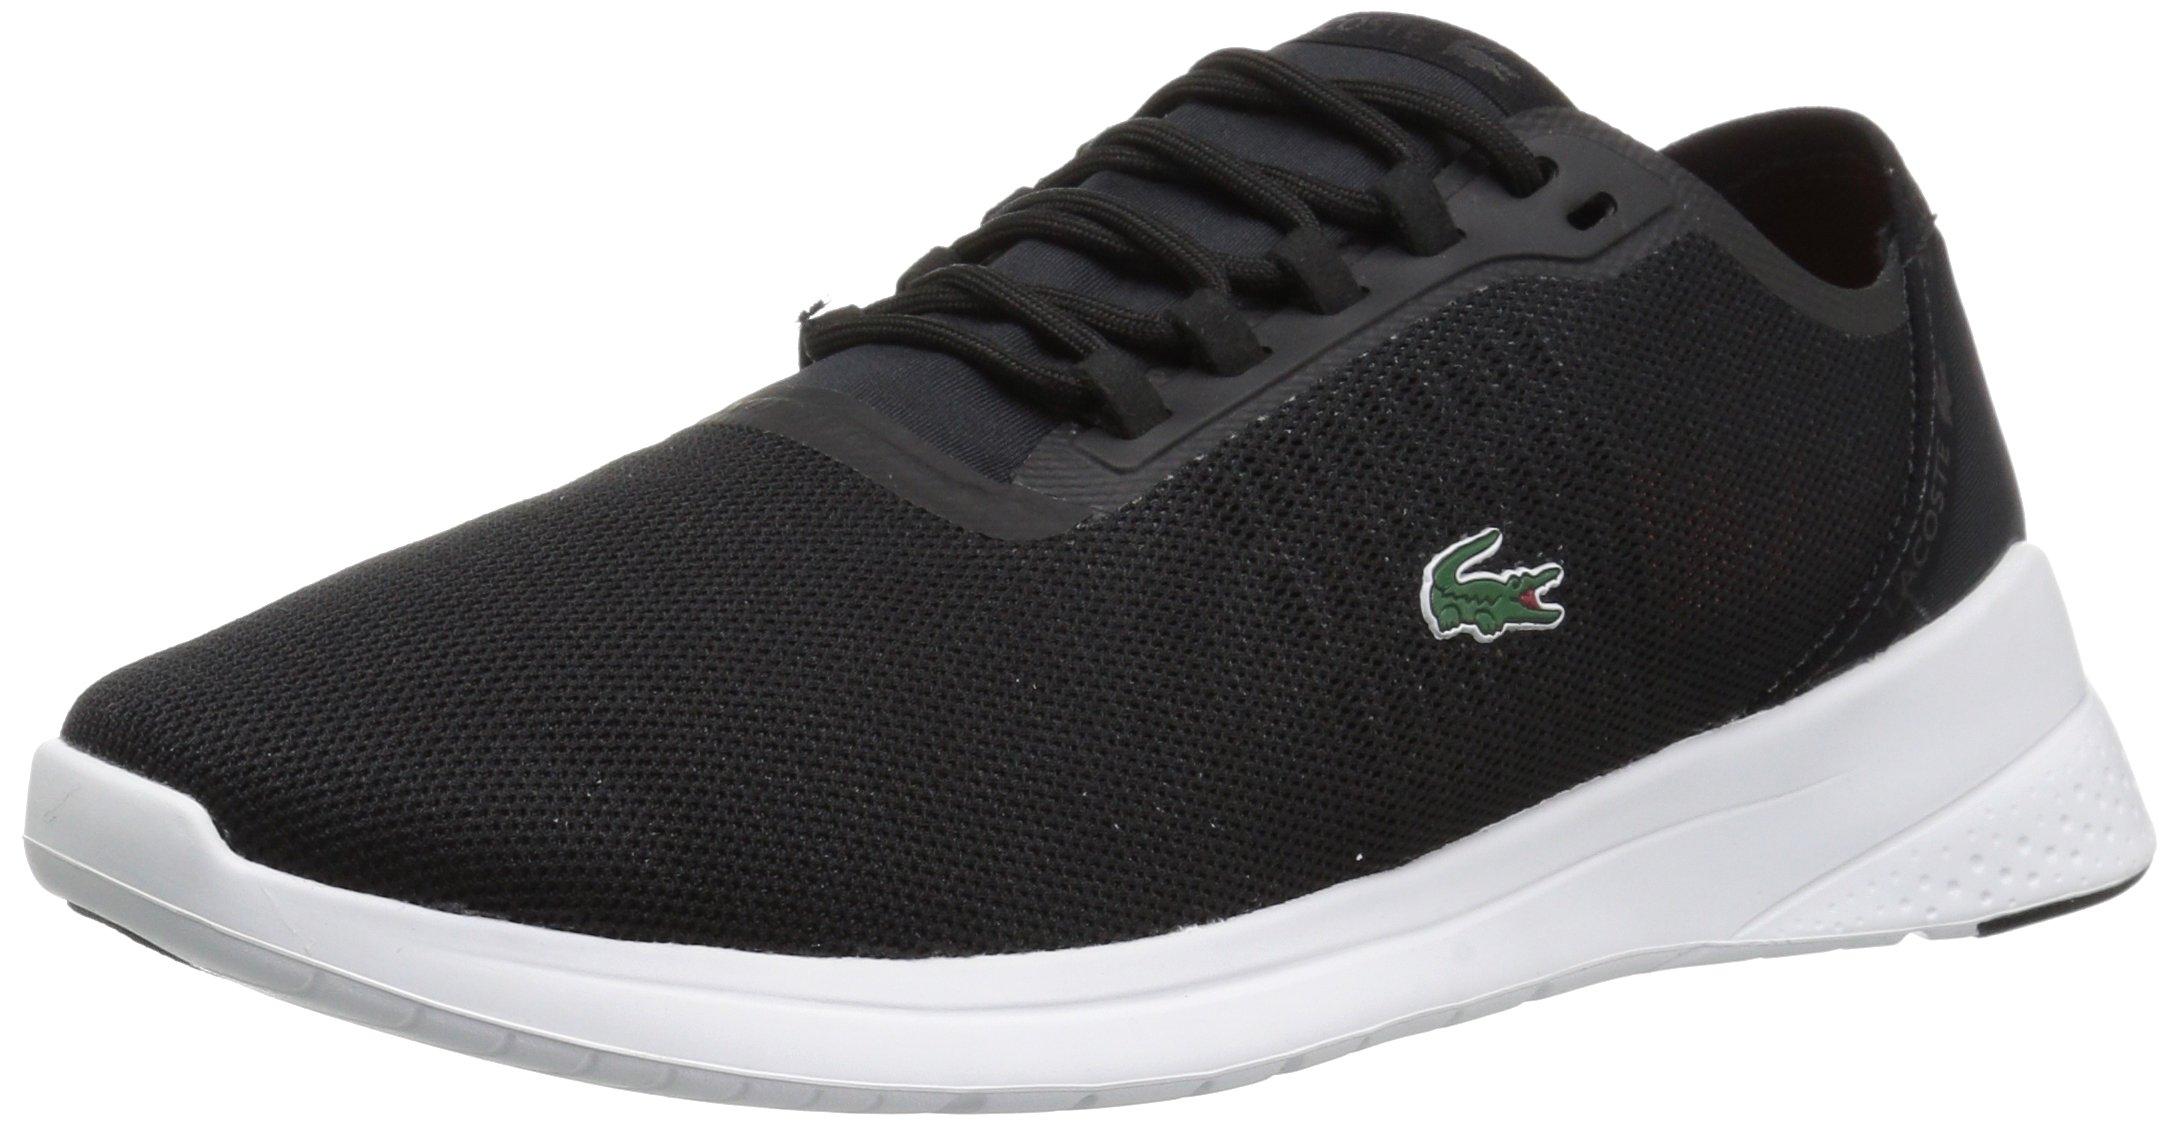 Lacoste Women's Lt Fit 118 4 Spw Sneaker, Black/Dark Grey, 10 M US